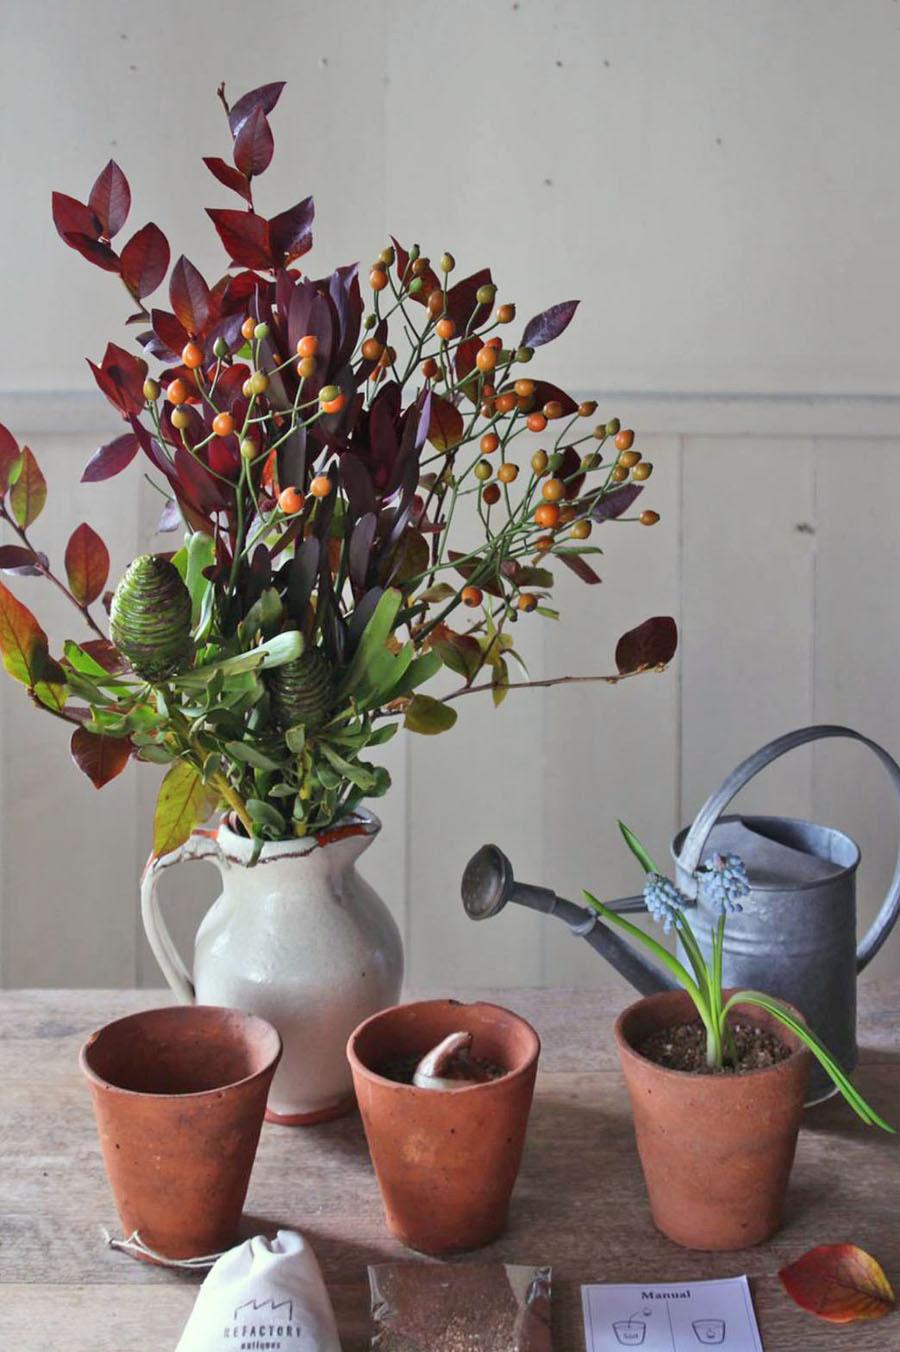 ラモンターニュさんに季節のお花を用意していただき、インテリアを彩るお花の提案を行います